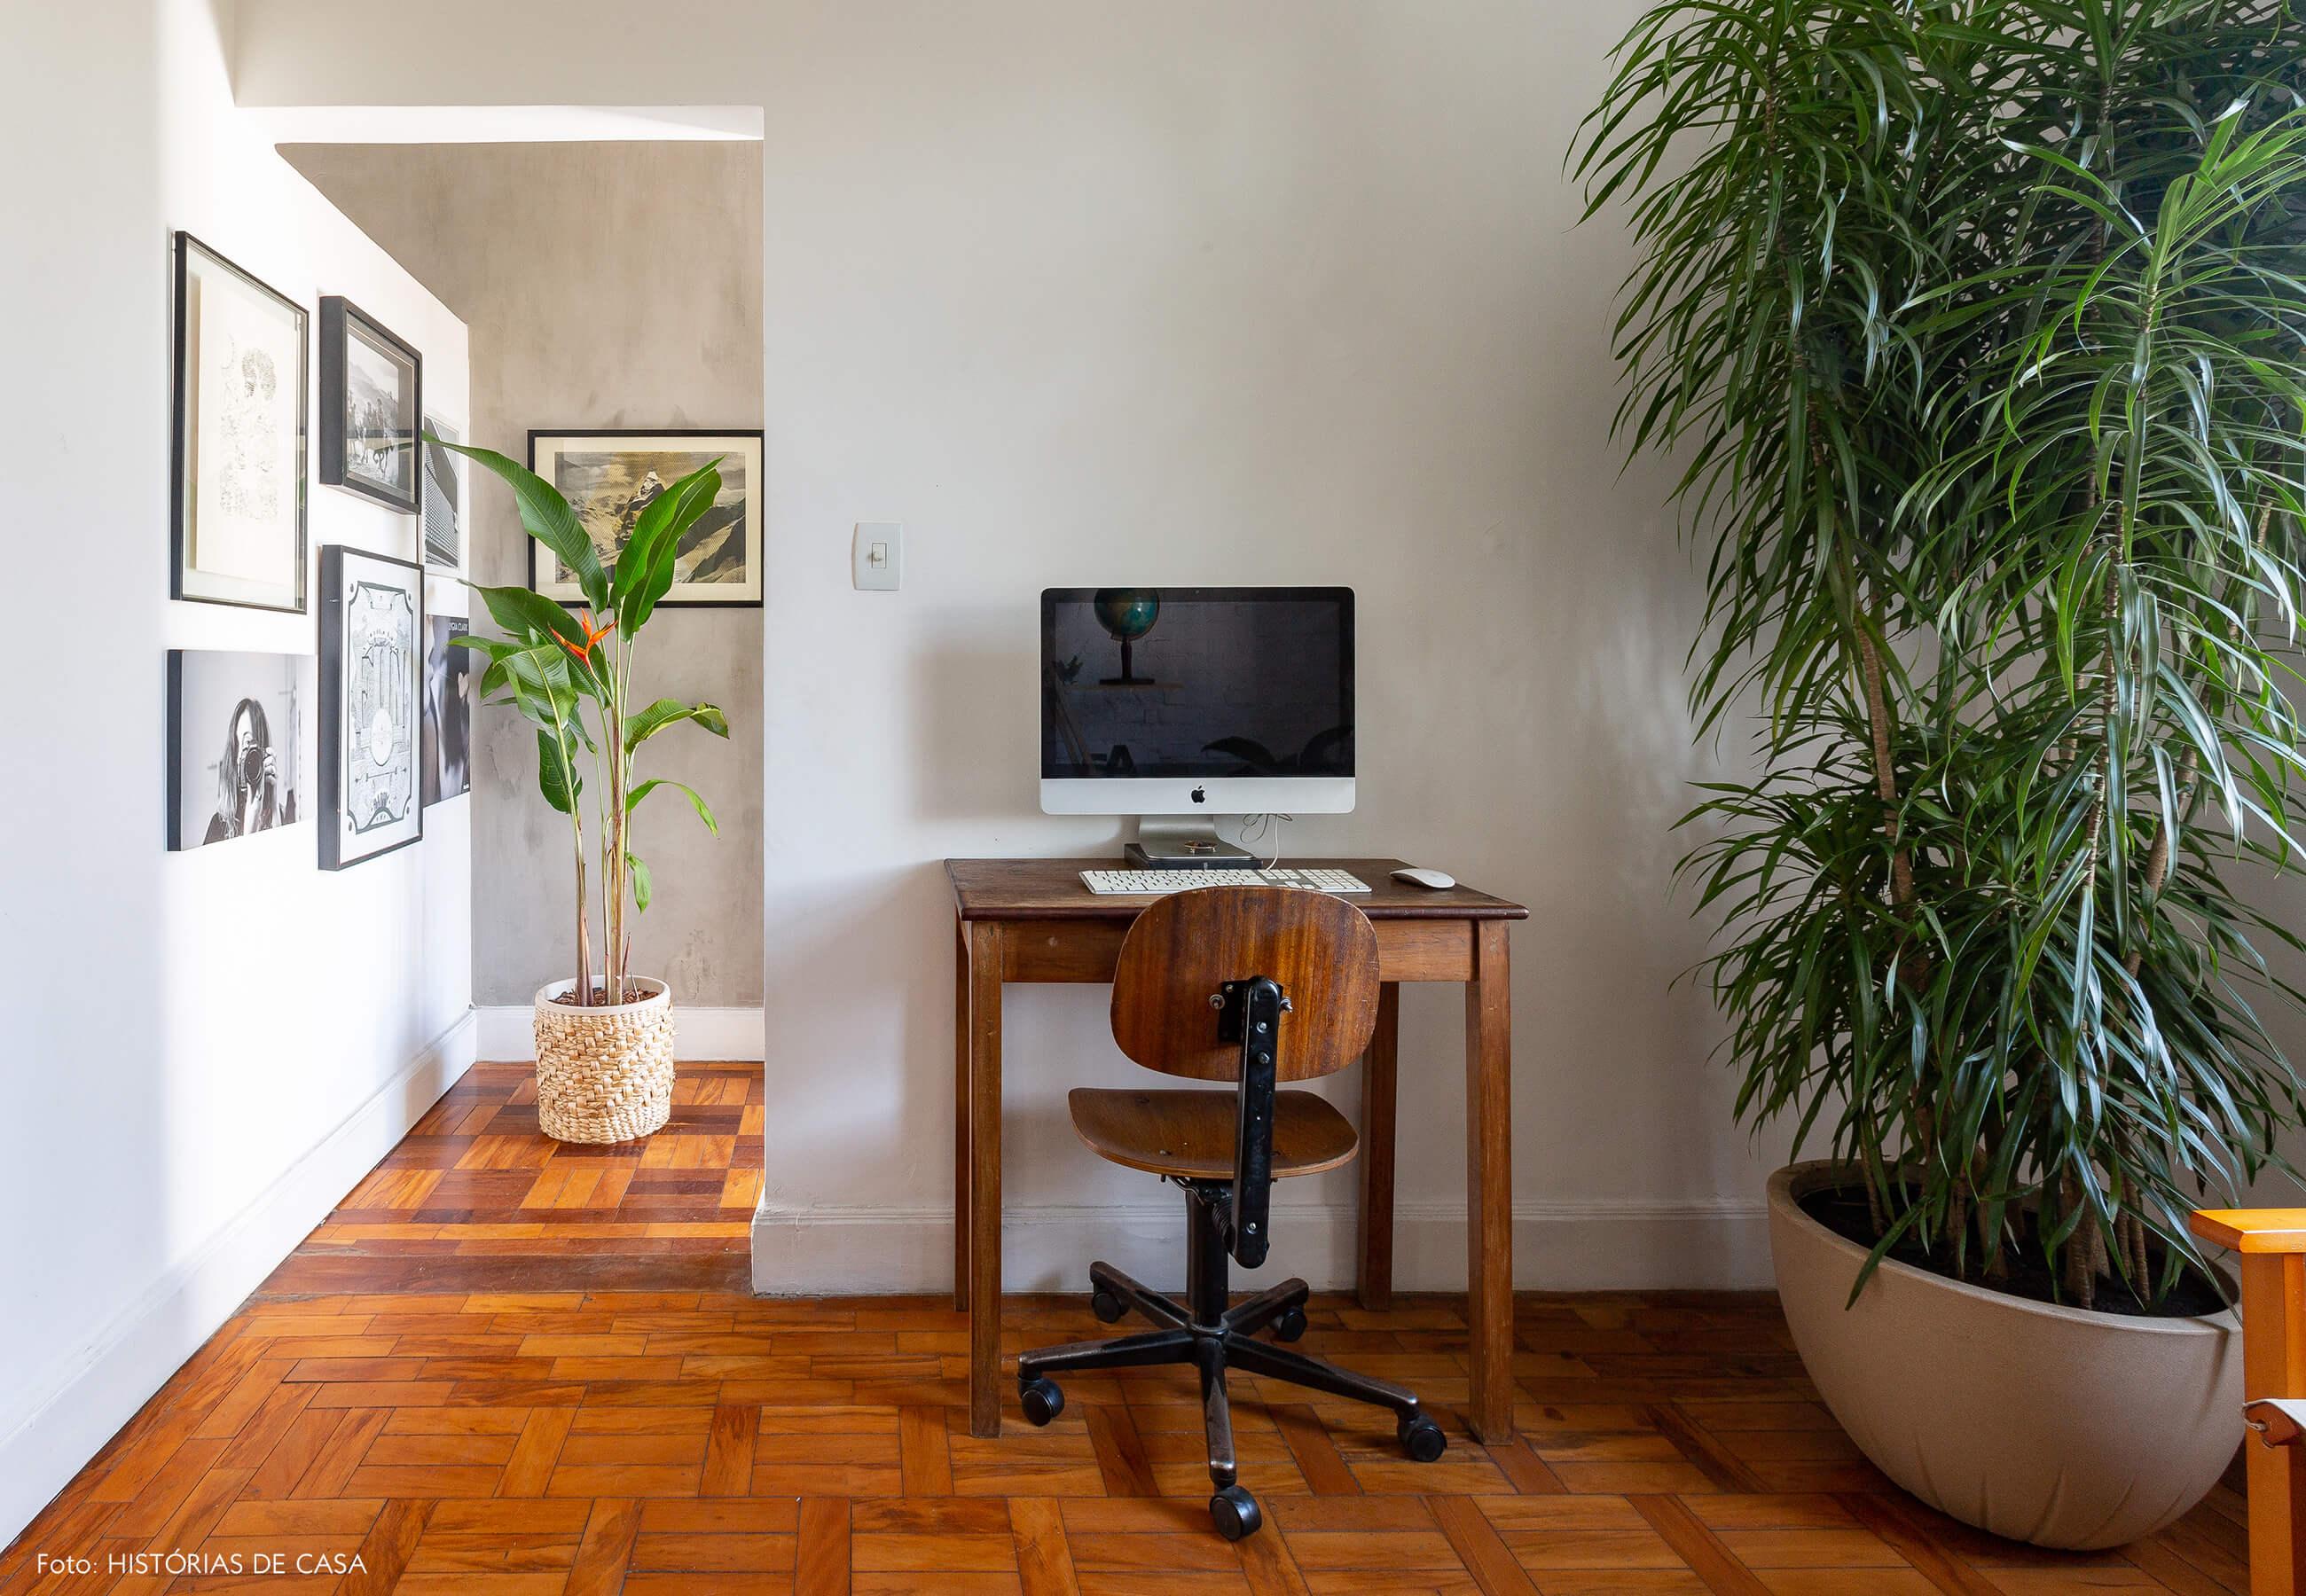 Sala com home office e móveis antigos de madeira